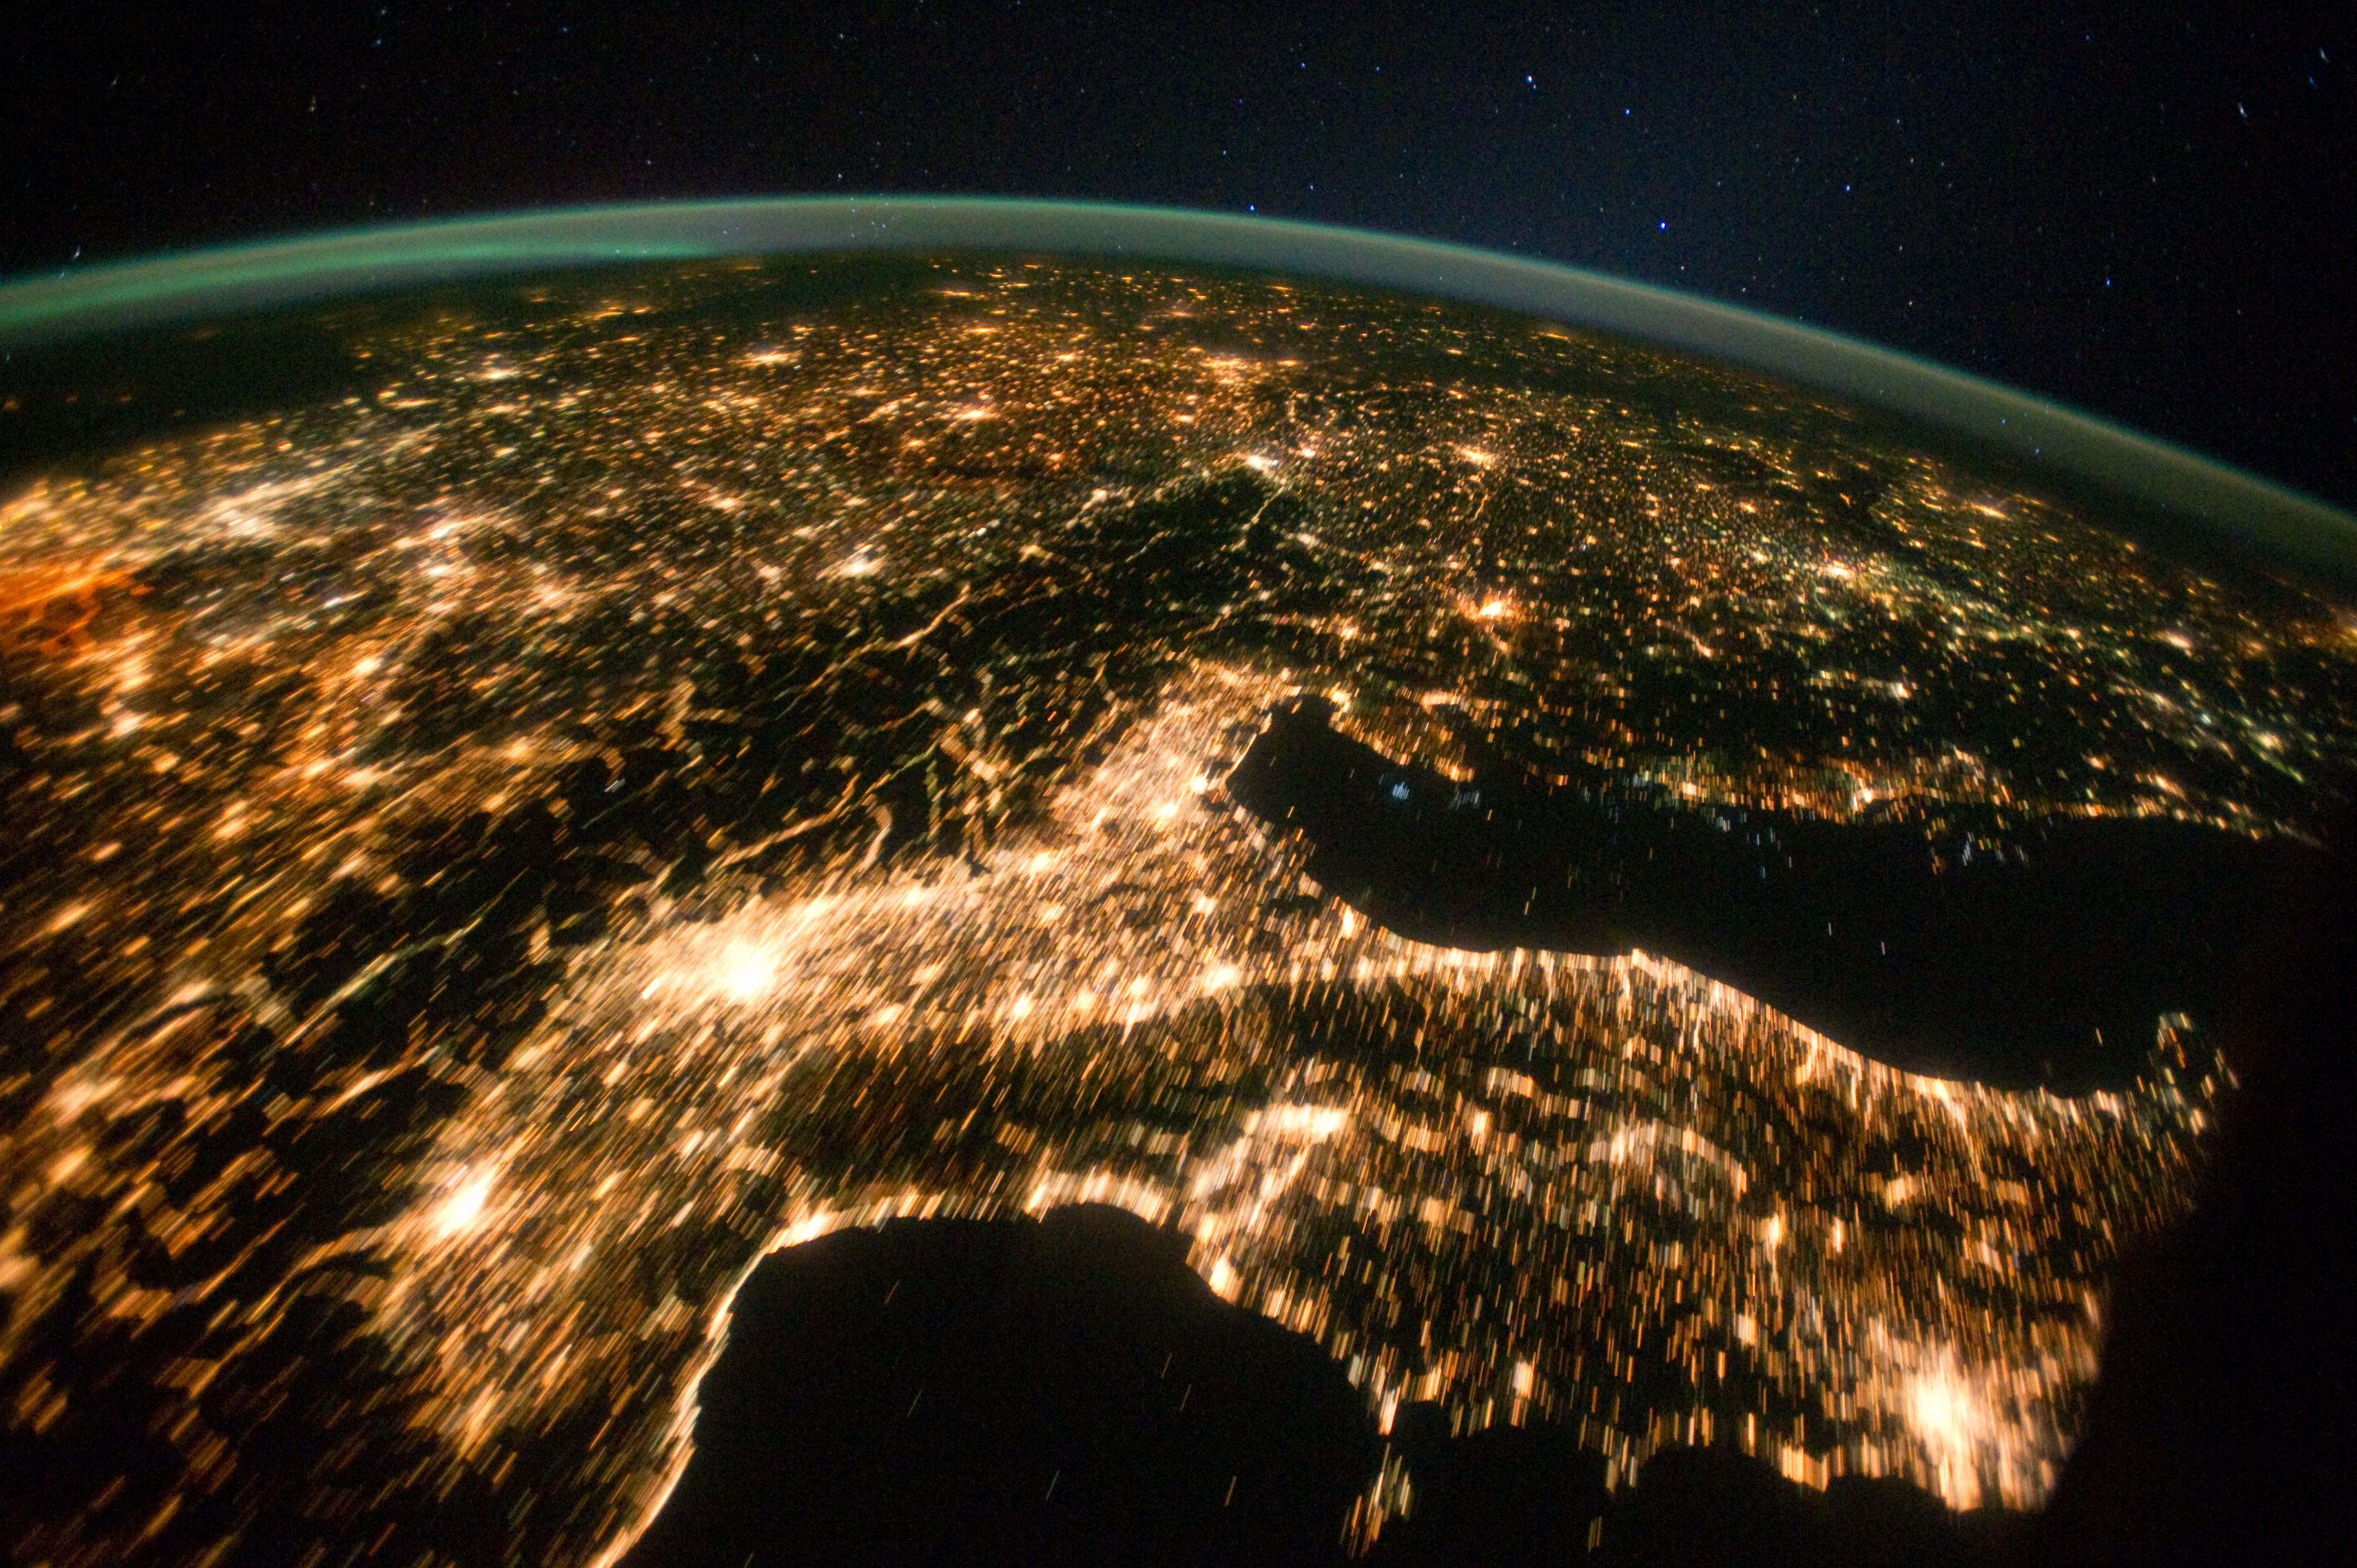 La terra fotografata dallo spazio 72